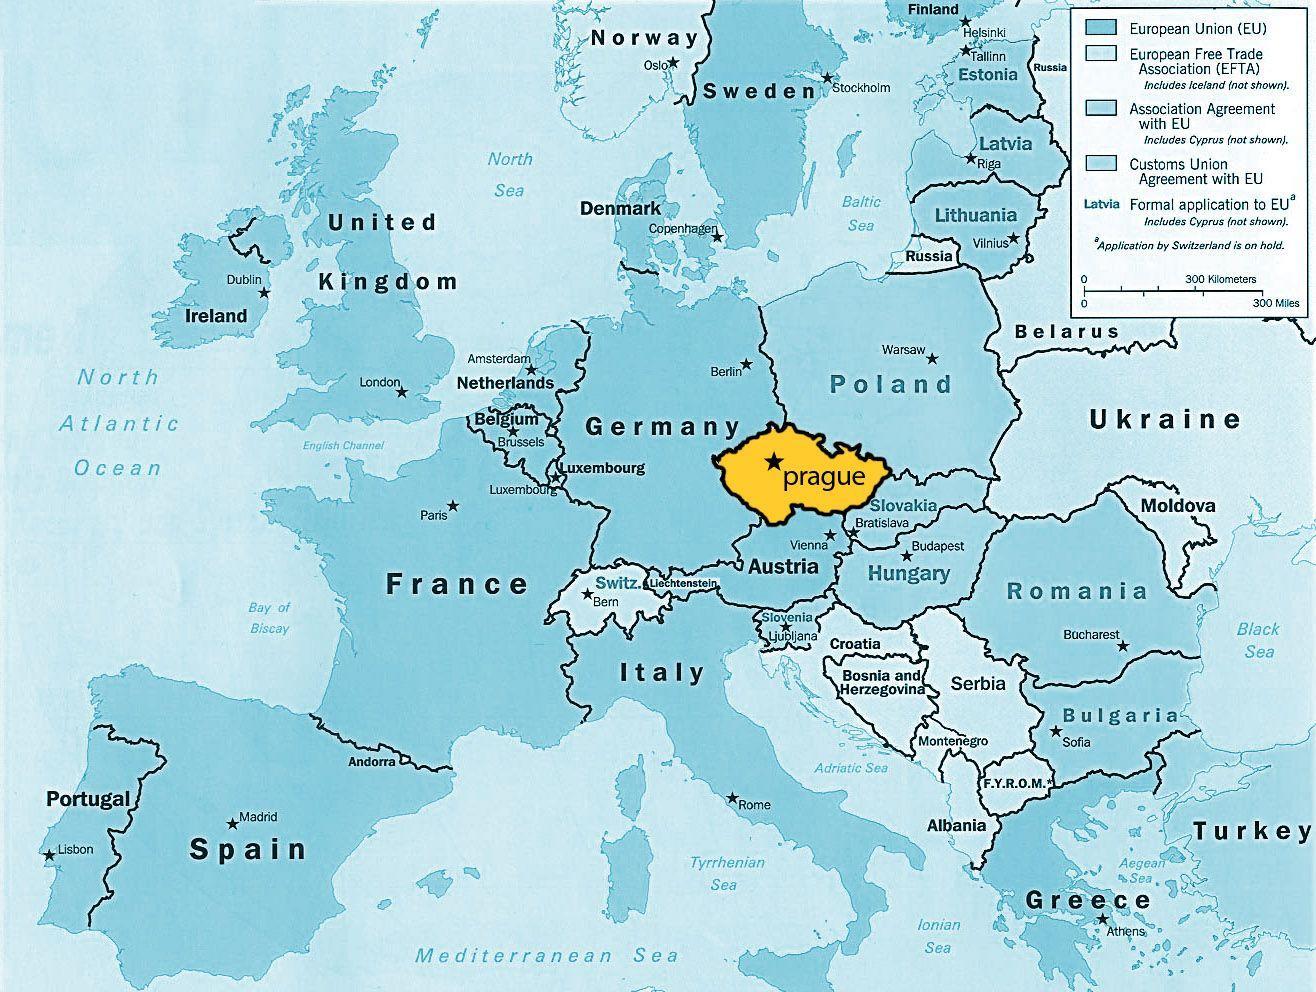 Mapa Praga na Europa 02